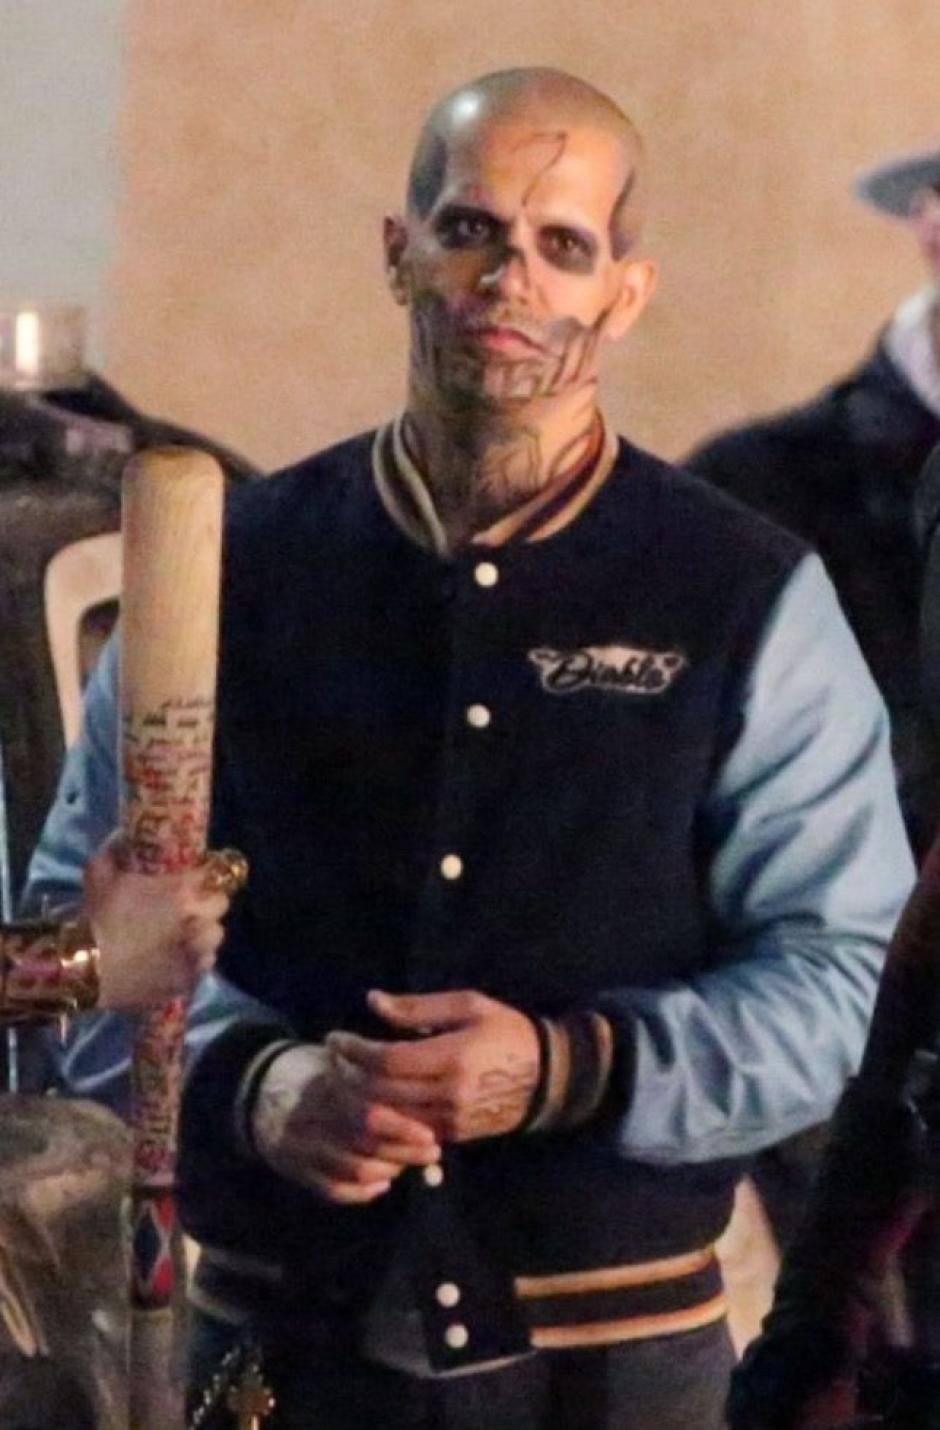 Jay Hernández hace el papel de Diablo. (Foto: pinterest.com)